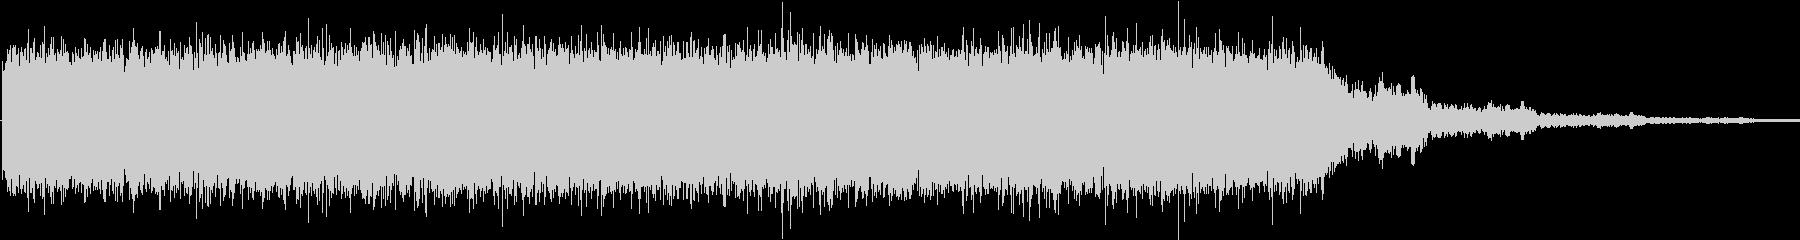 ドローン 産業01の未再生の波形